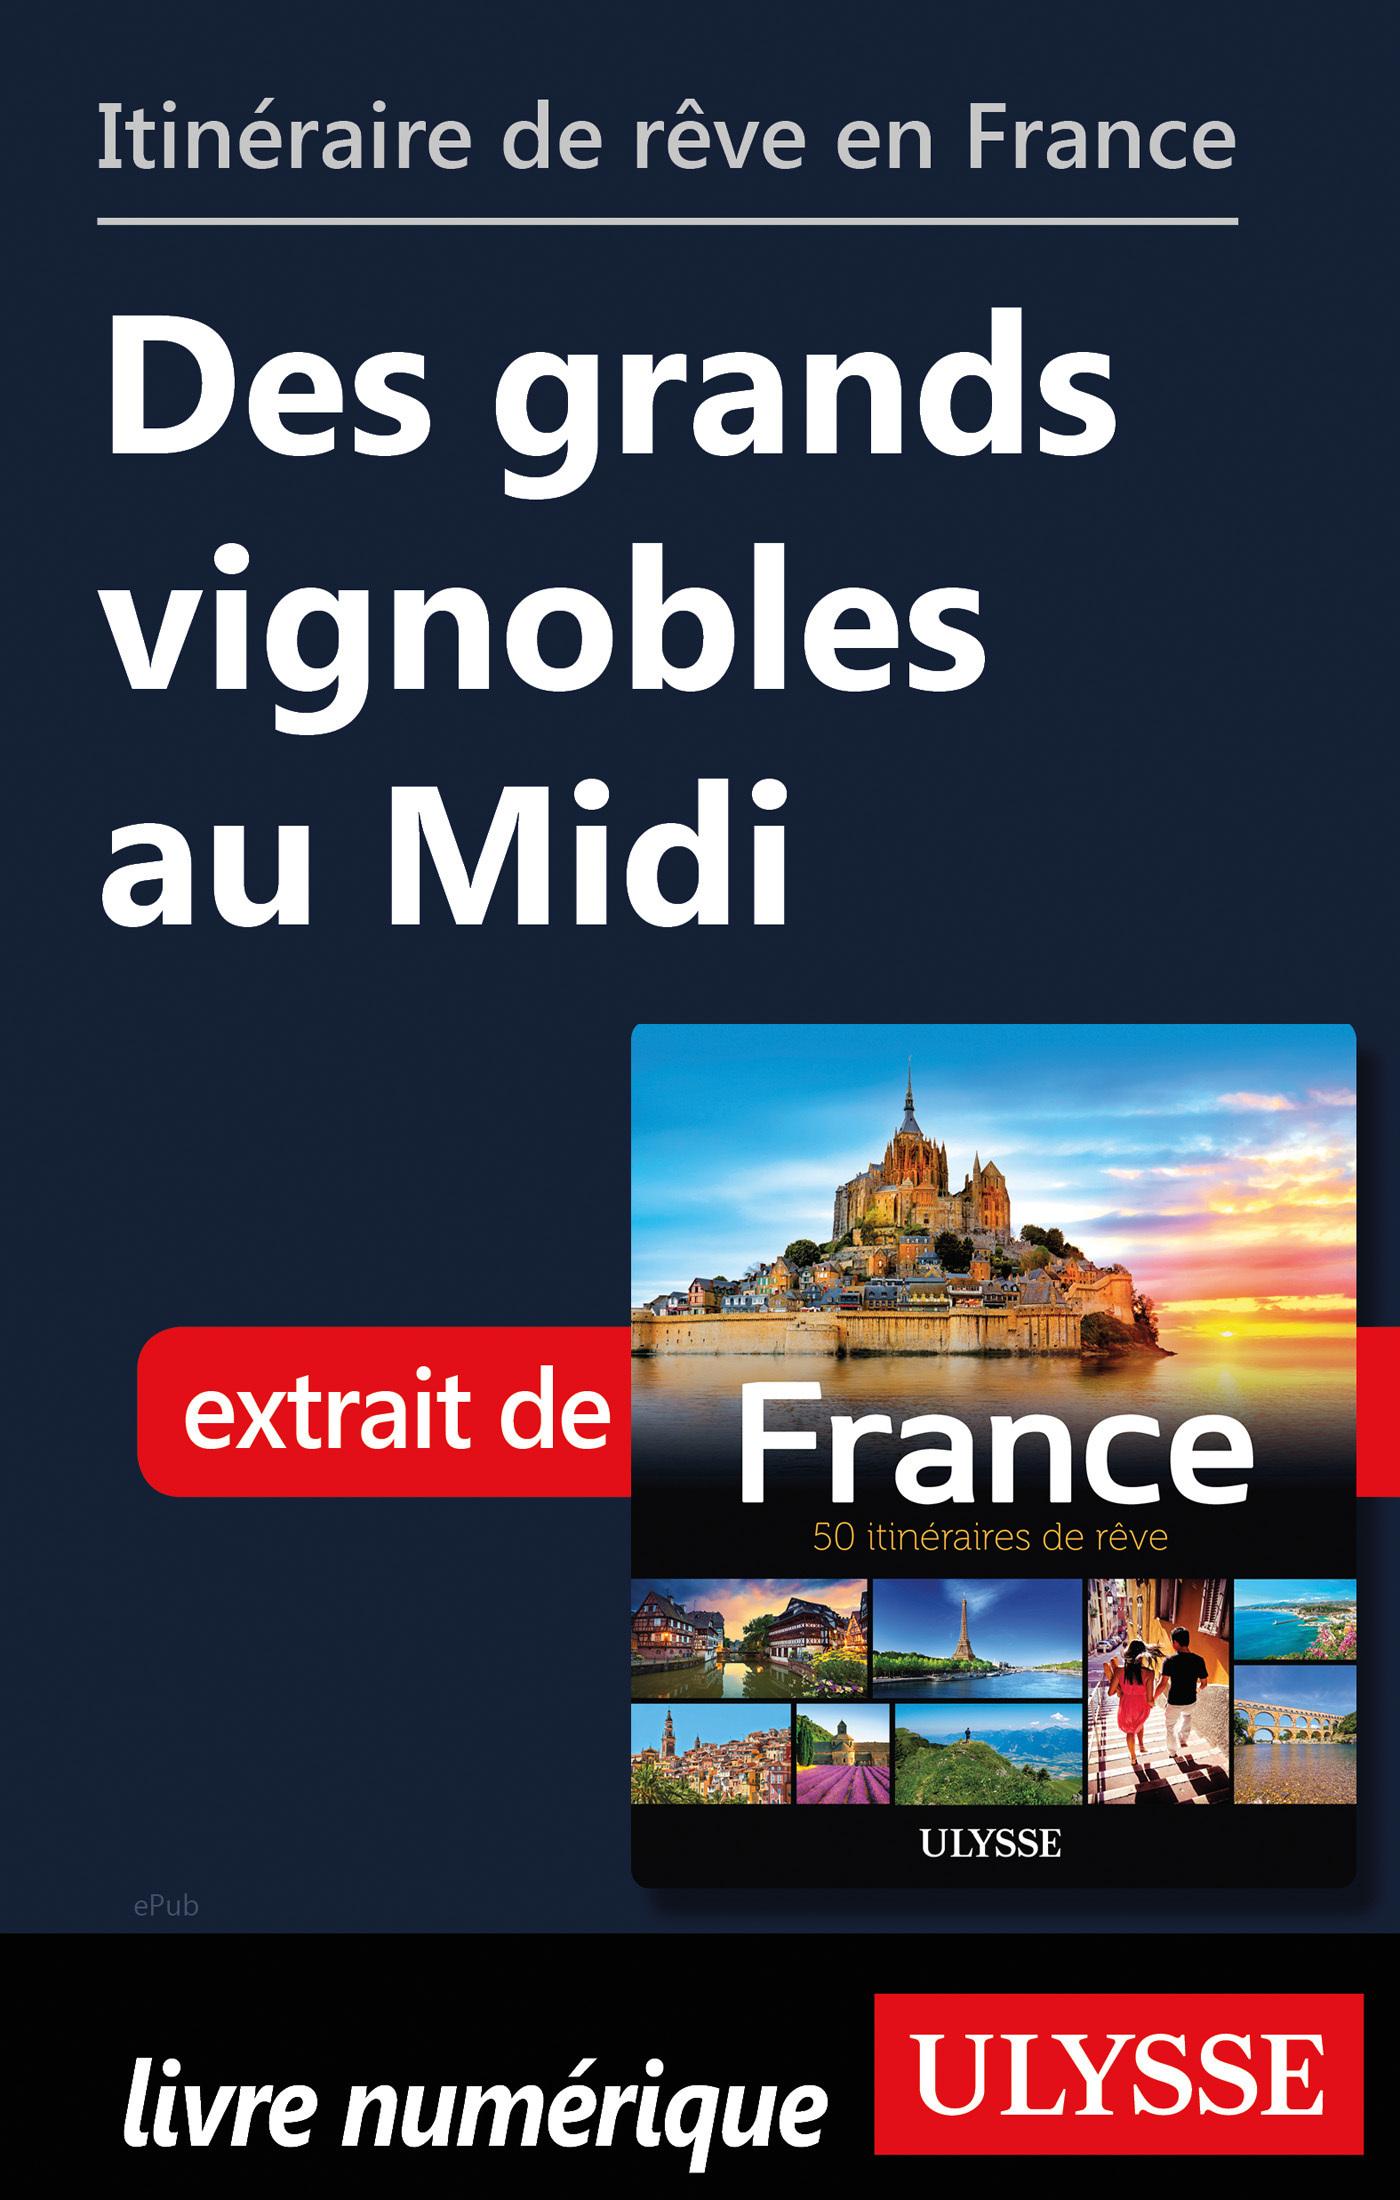 Itinéraire de rêve en France - Des grands vignobles au Midi